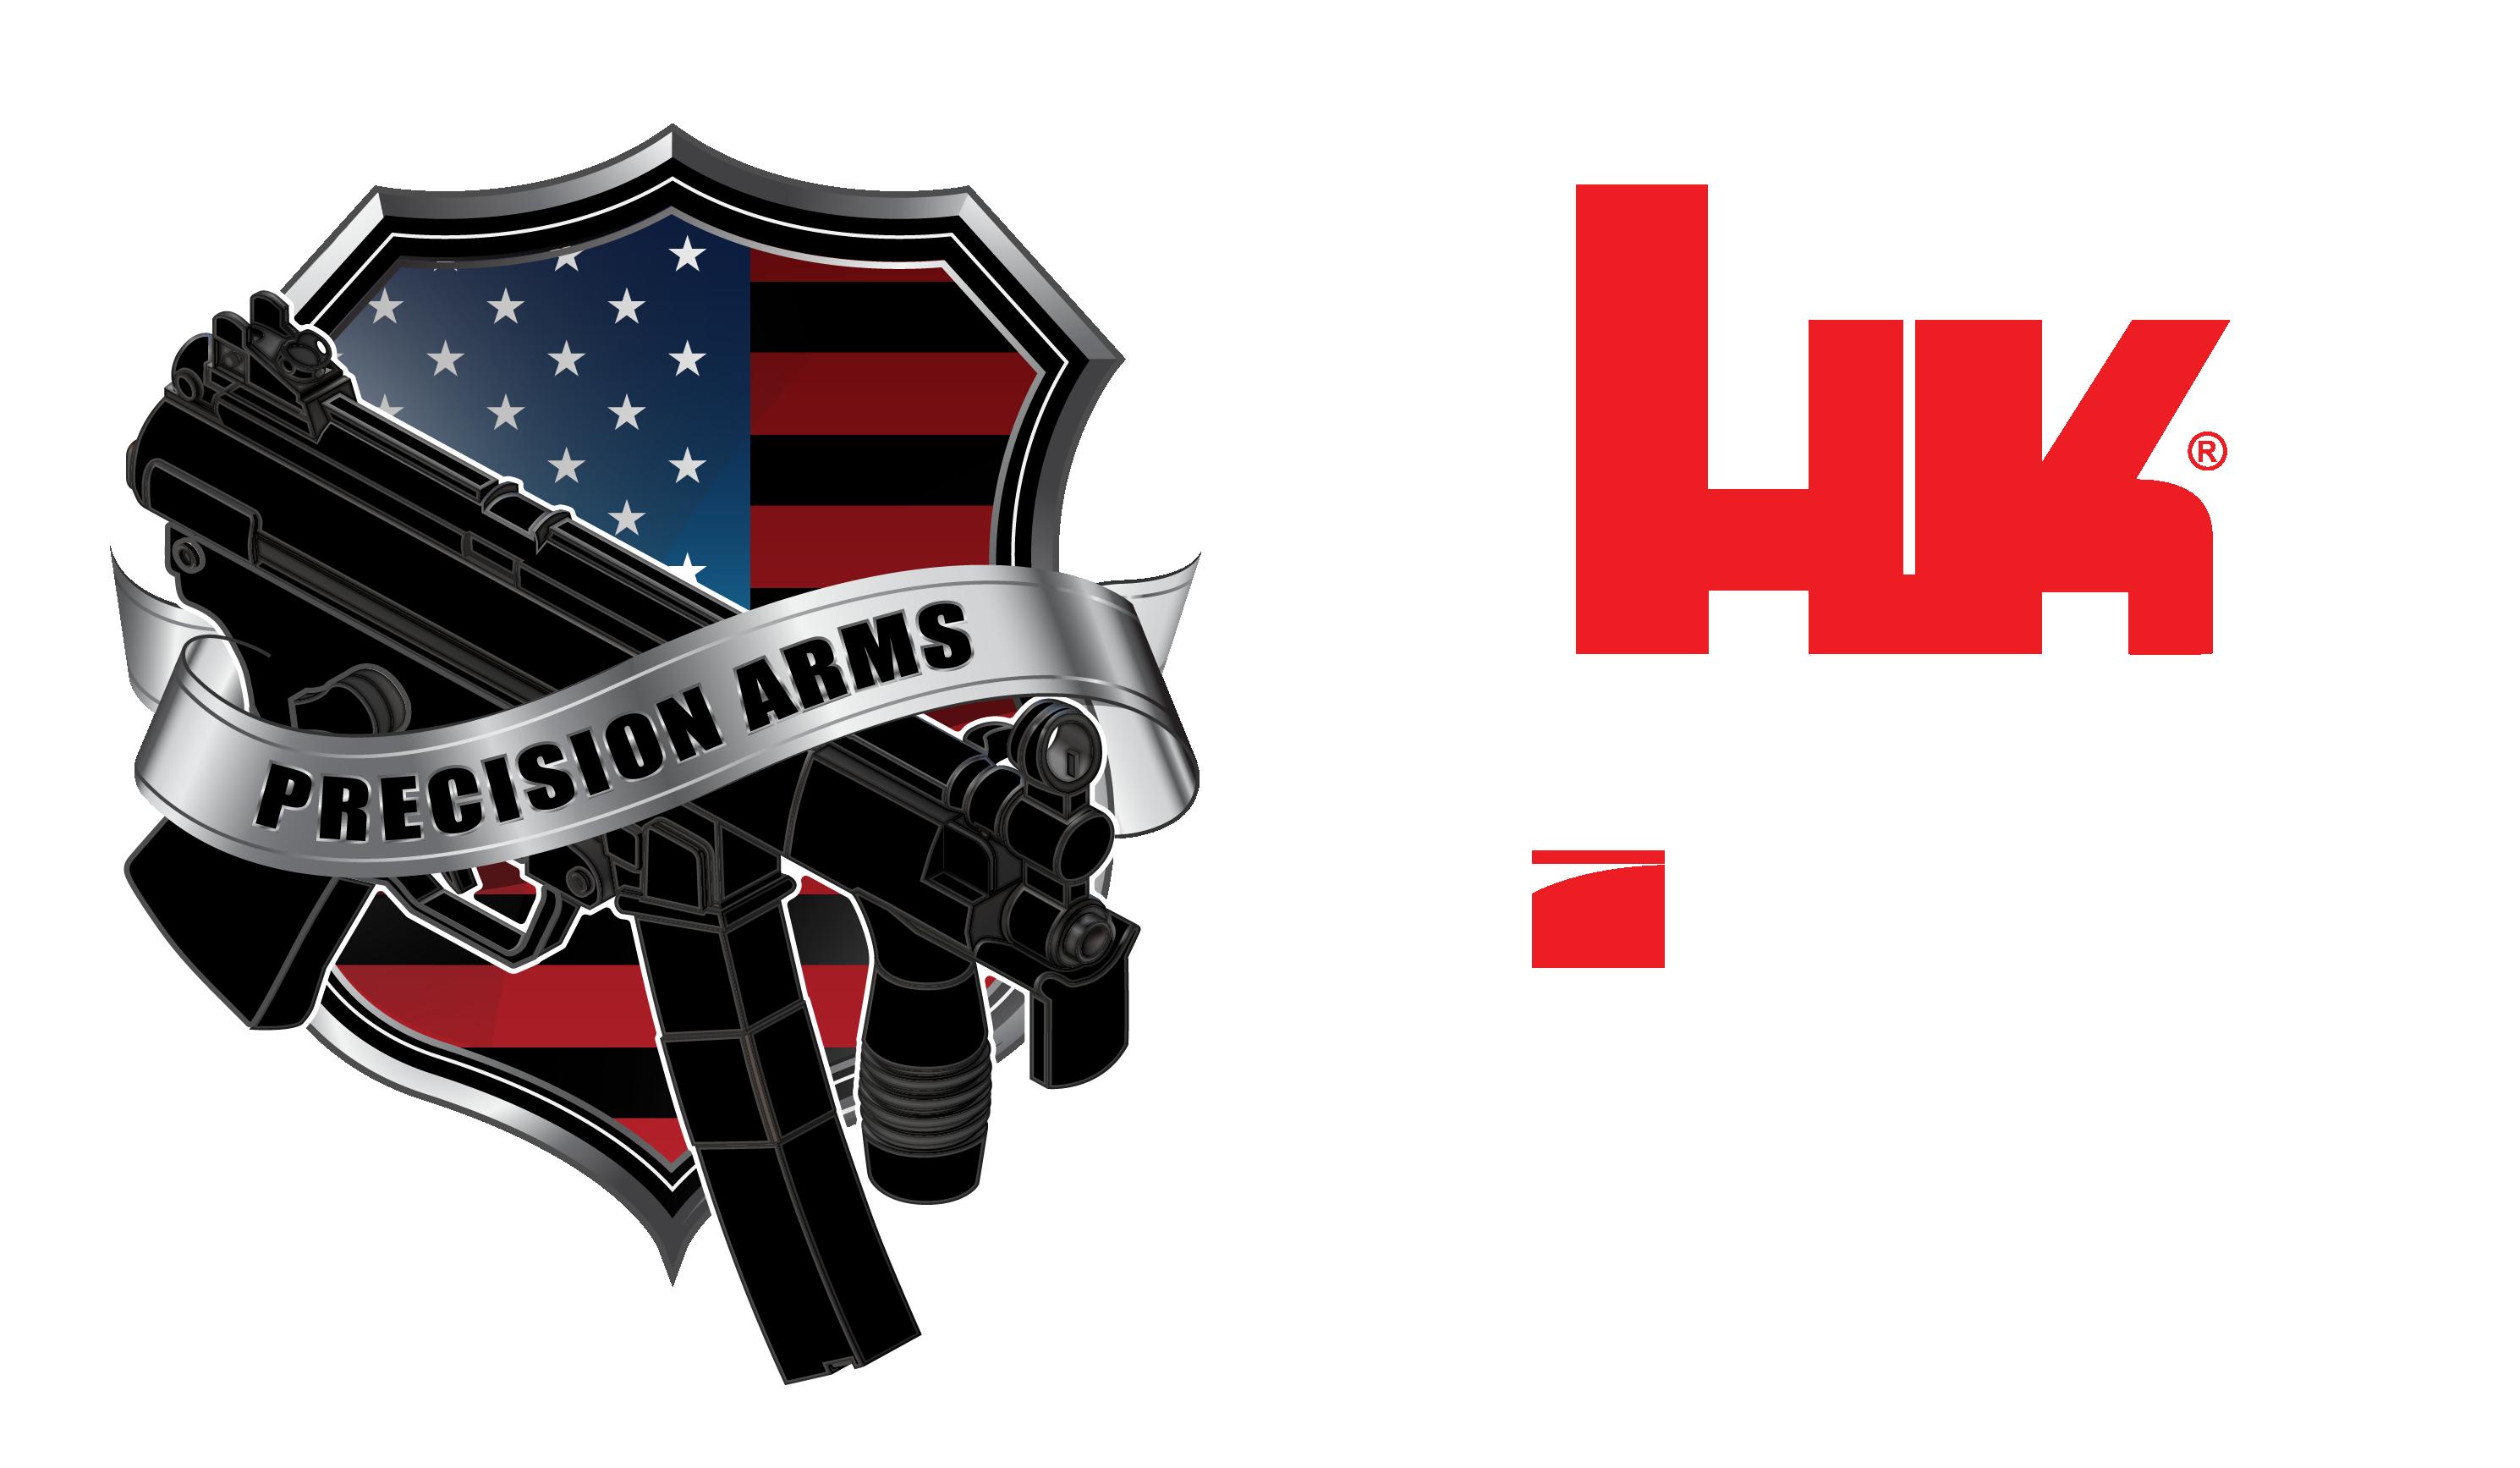 Heckler & Koch Law Enforcement | HK Law Enforcement | HK LE | Benelli Law Enforcement | Daniel Defense Law Enforcement | LMT Law Enforcement